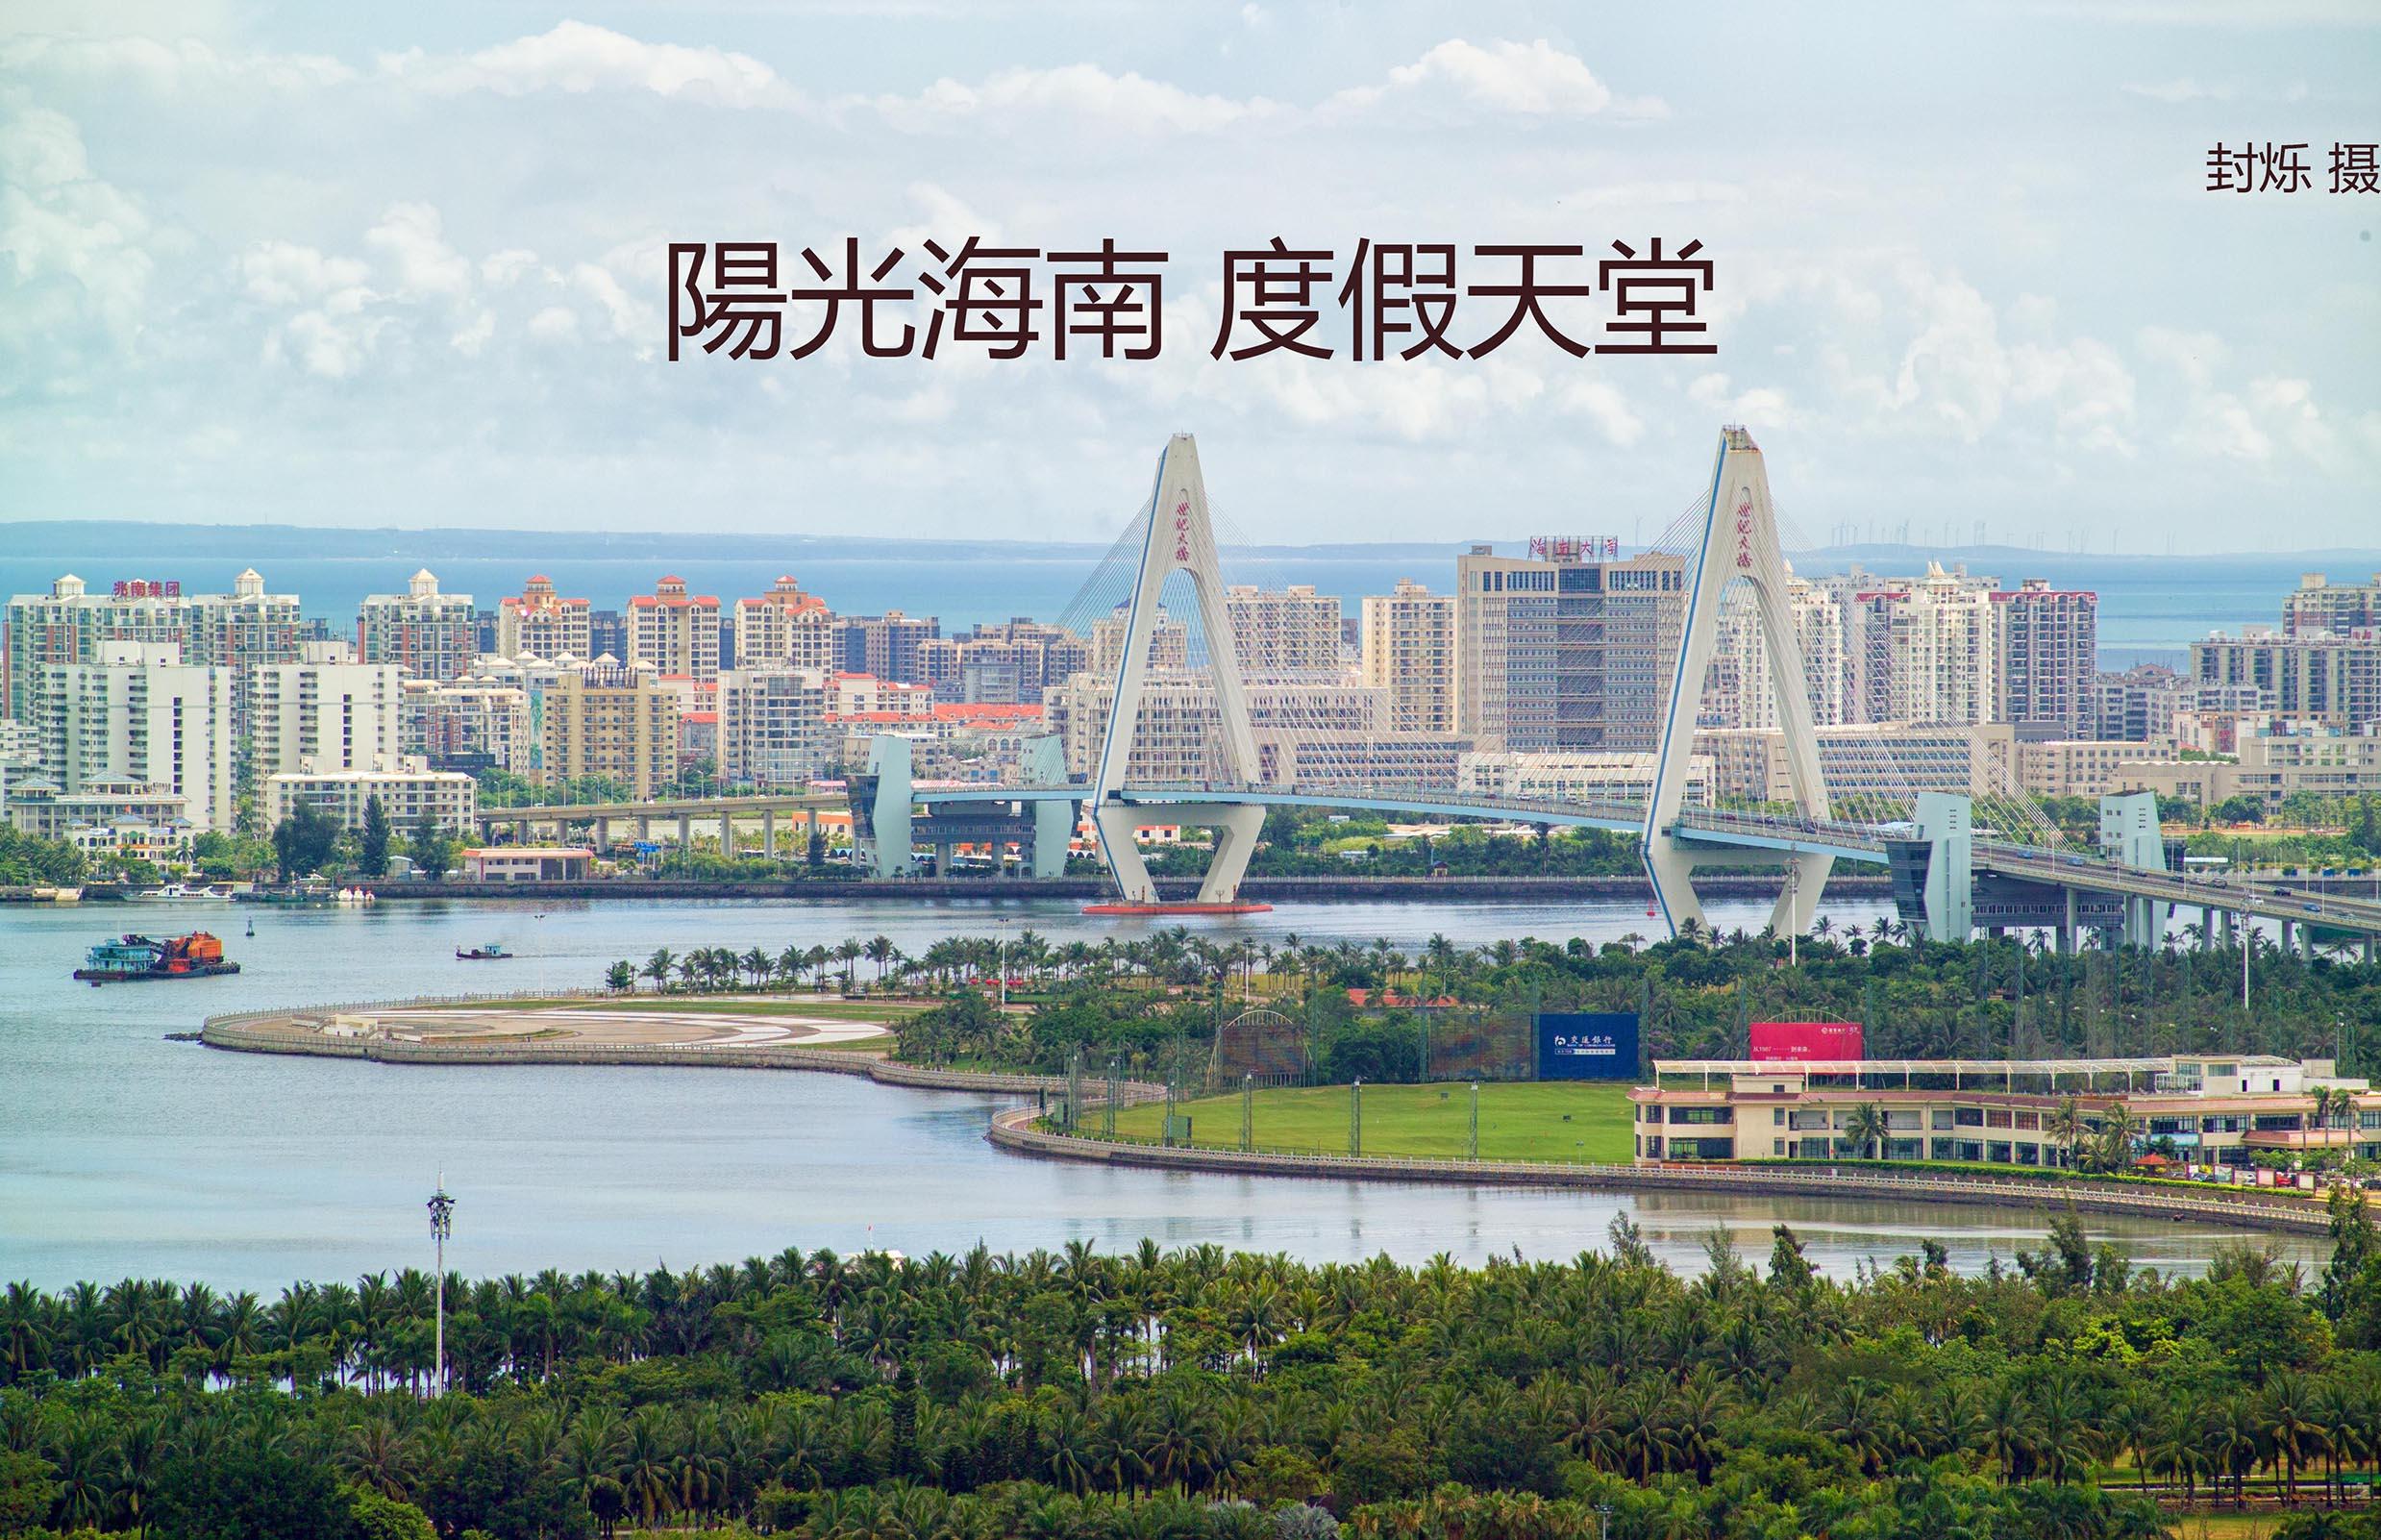 海南旅游推广中心